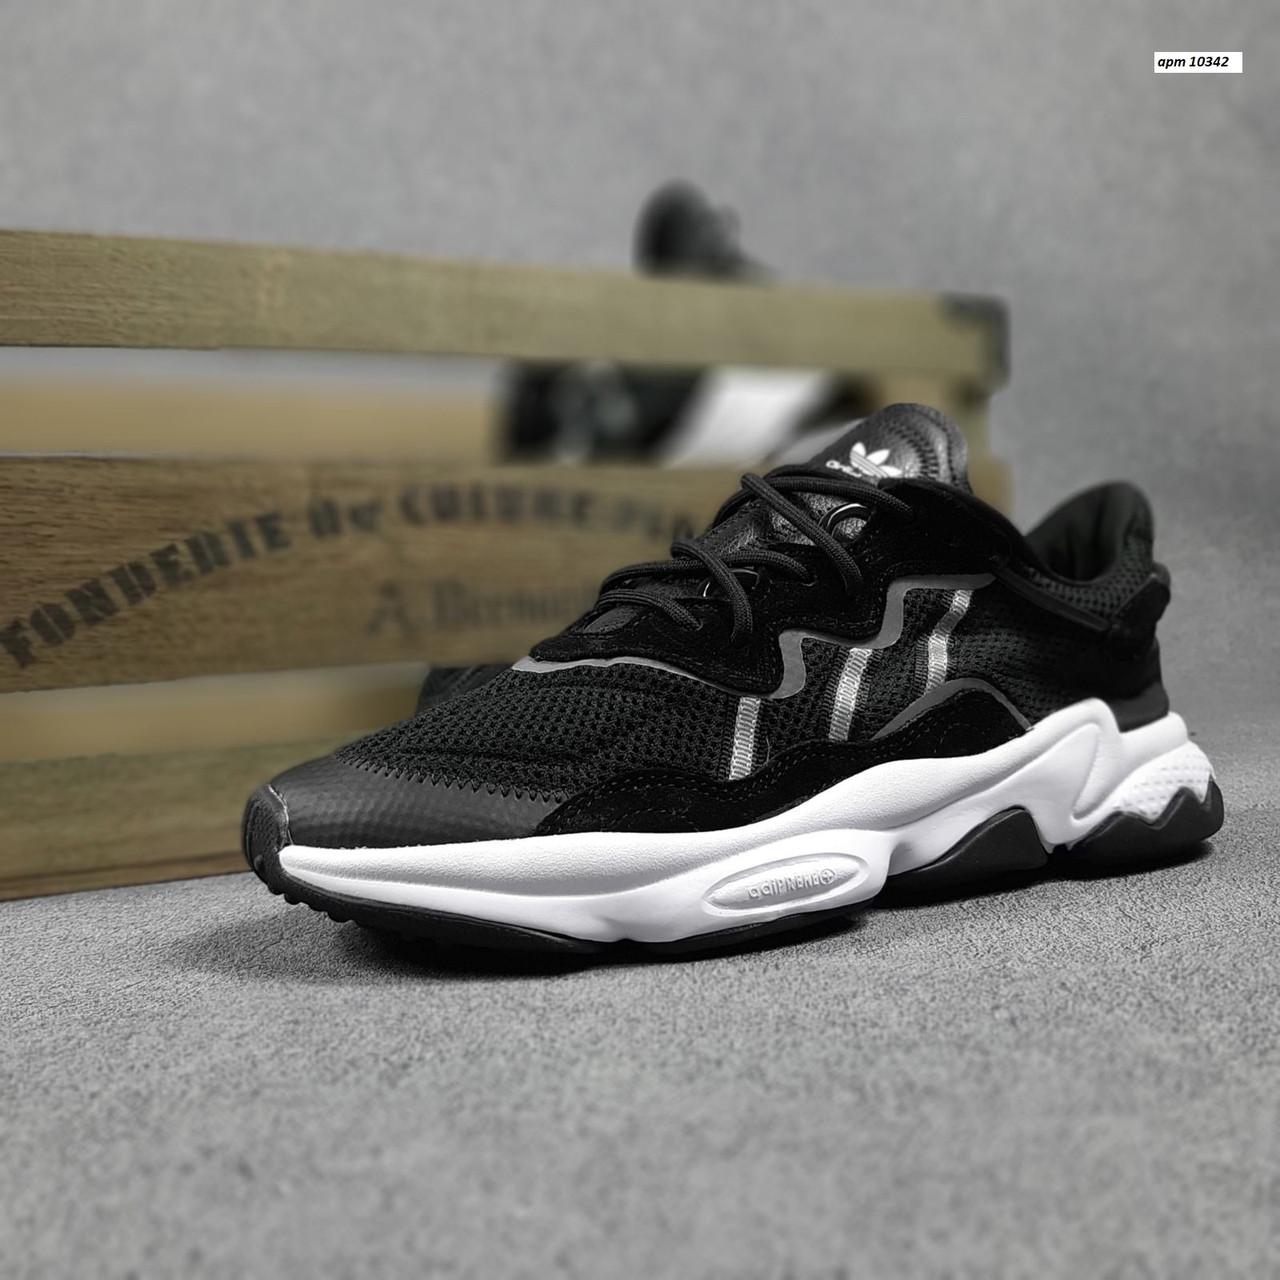 Мужские спортивные кроссовки Adidas Ozweego (черные с белым) 10342 демисезонные низкие кроссы